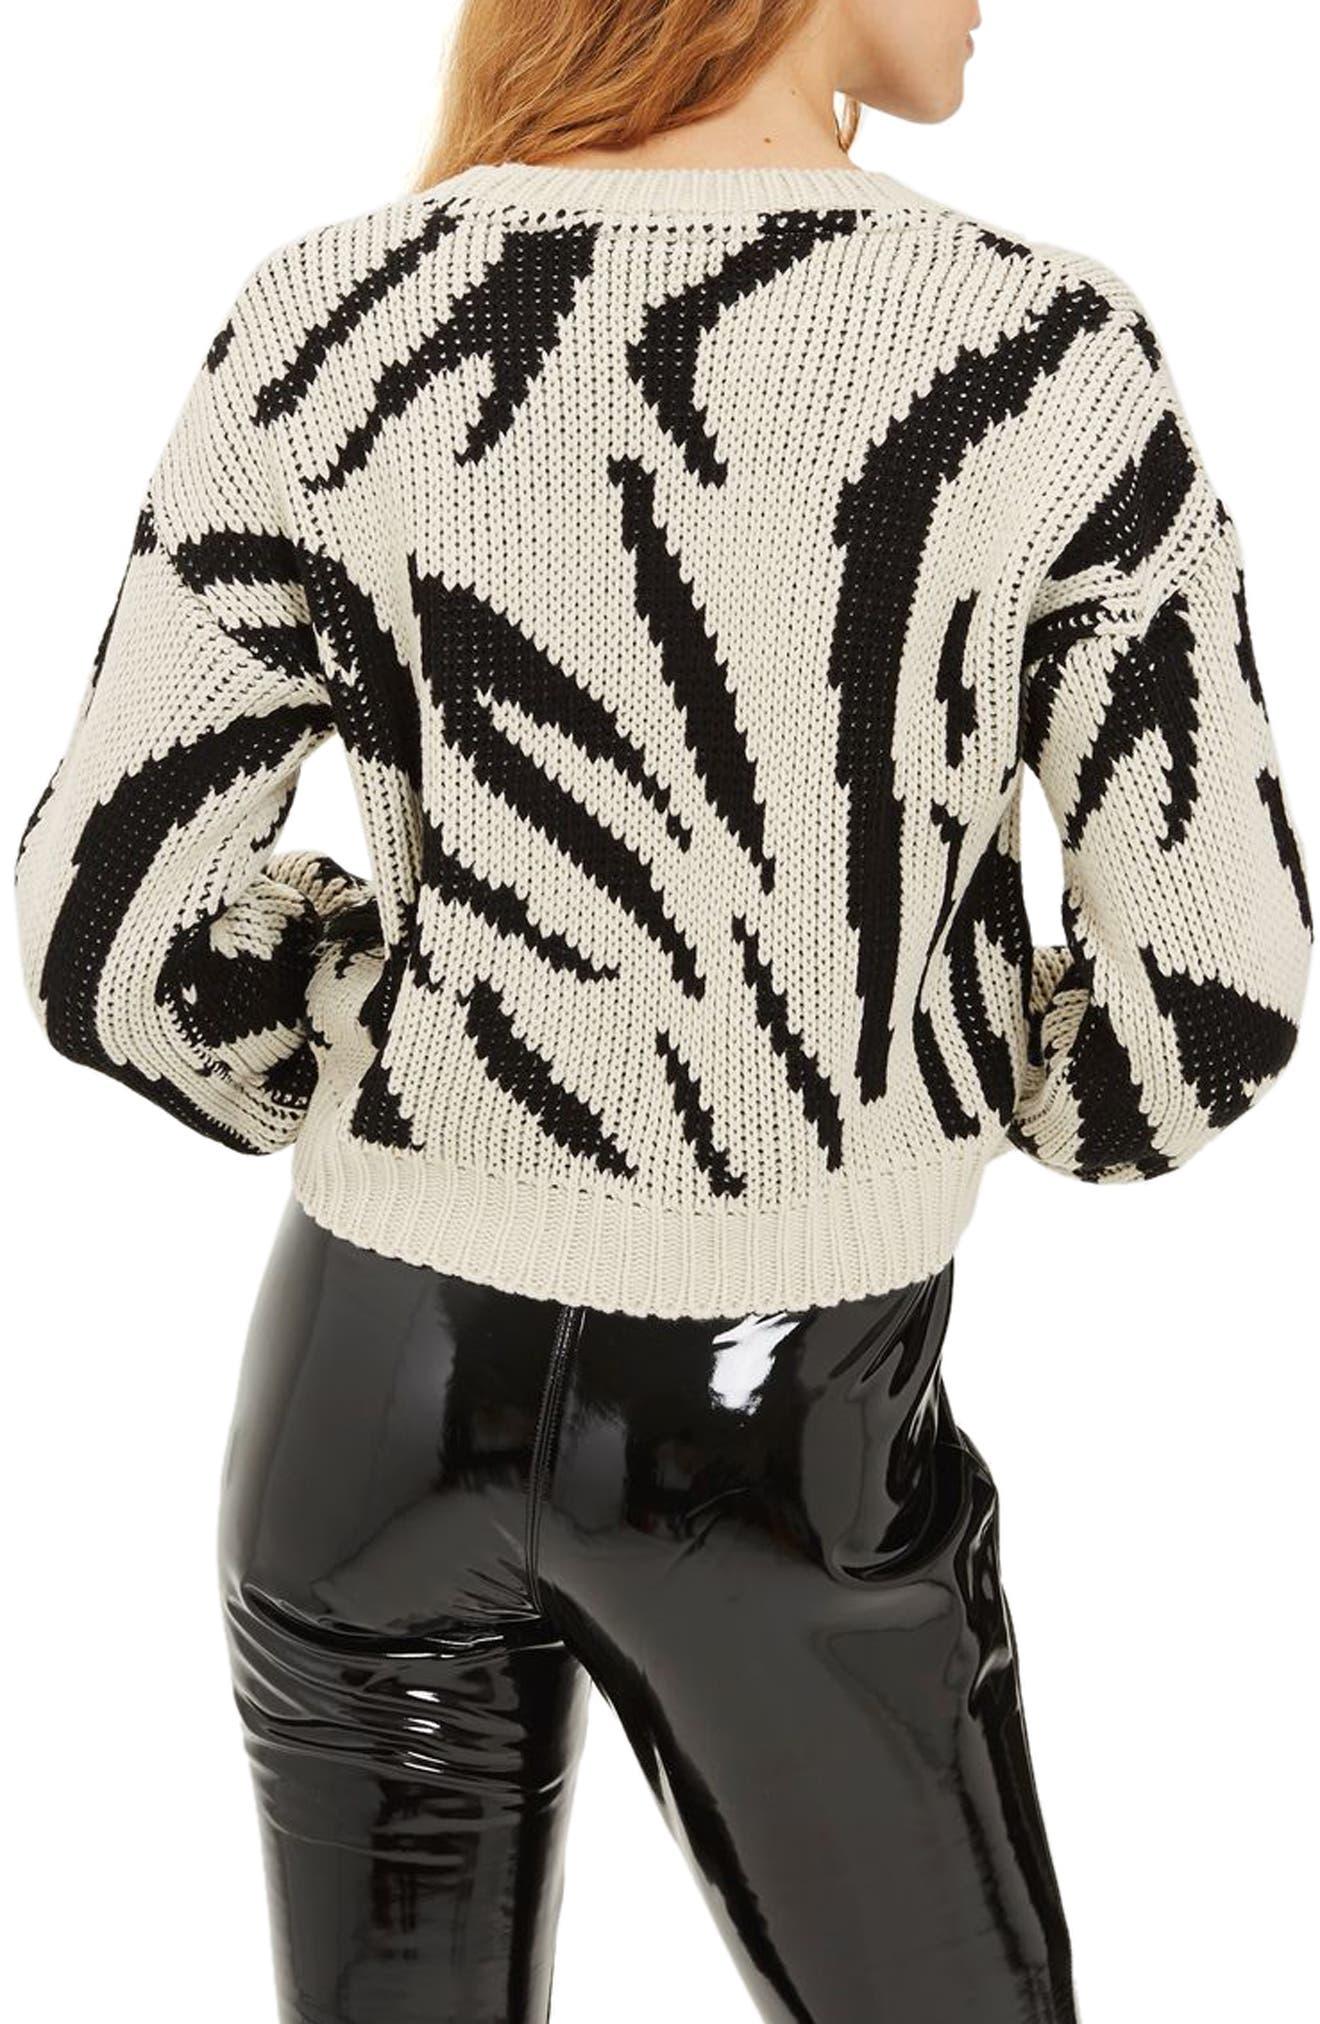 Fringe Zebra Print Sweater,                             Alternate thumbnail 2, color,                             001